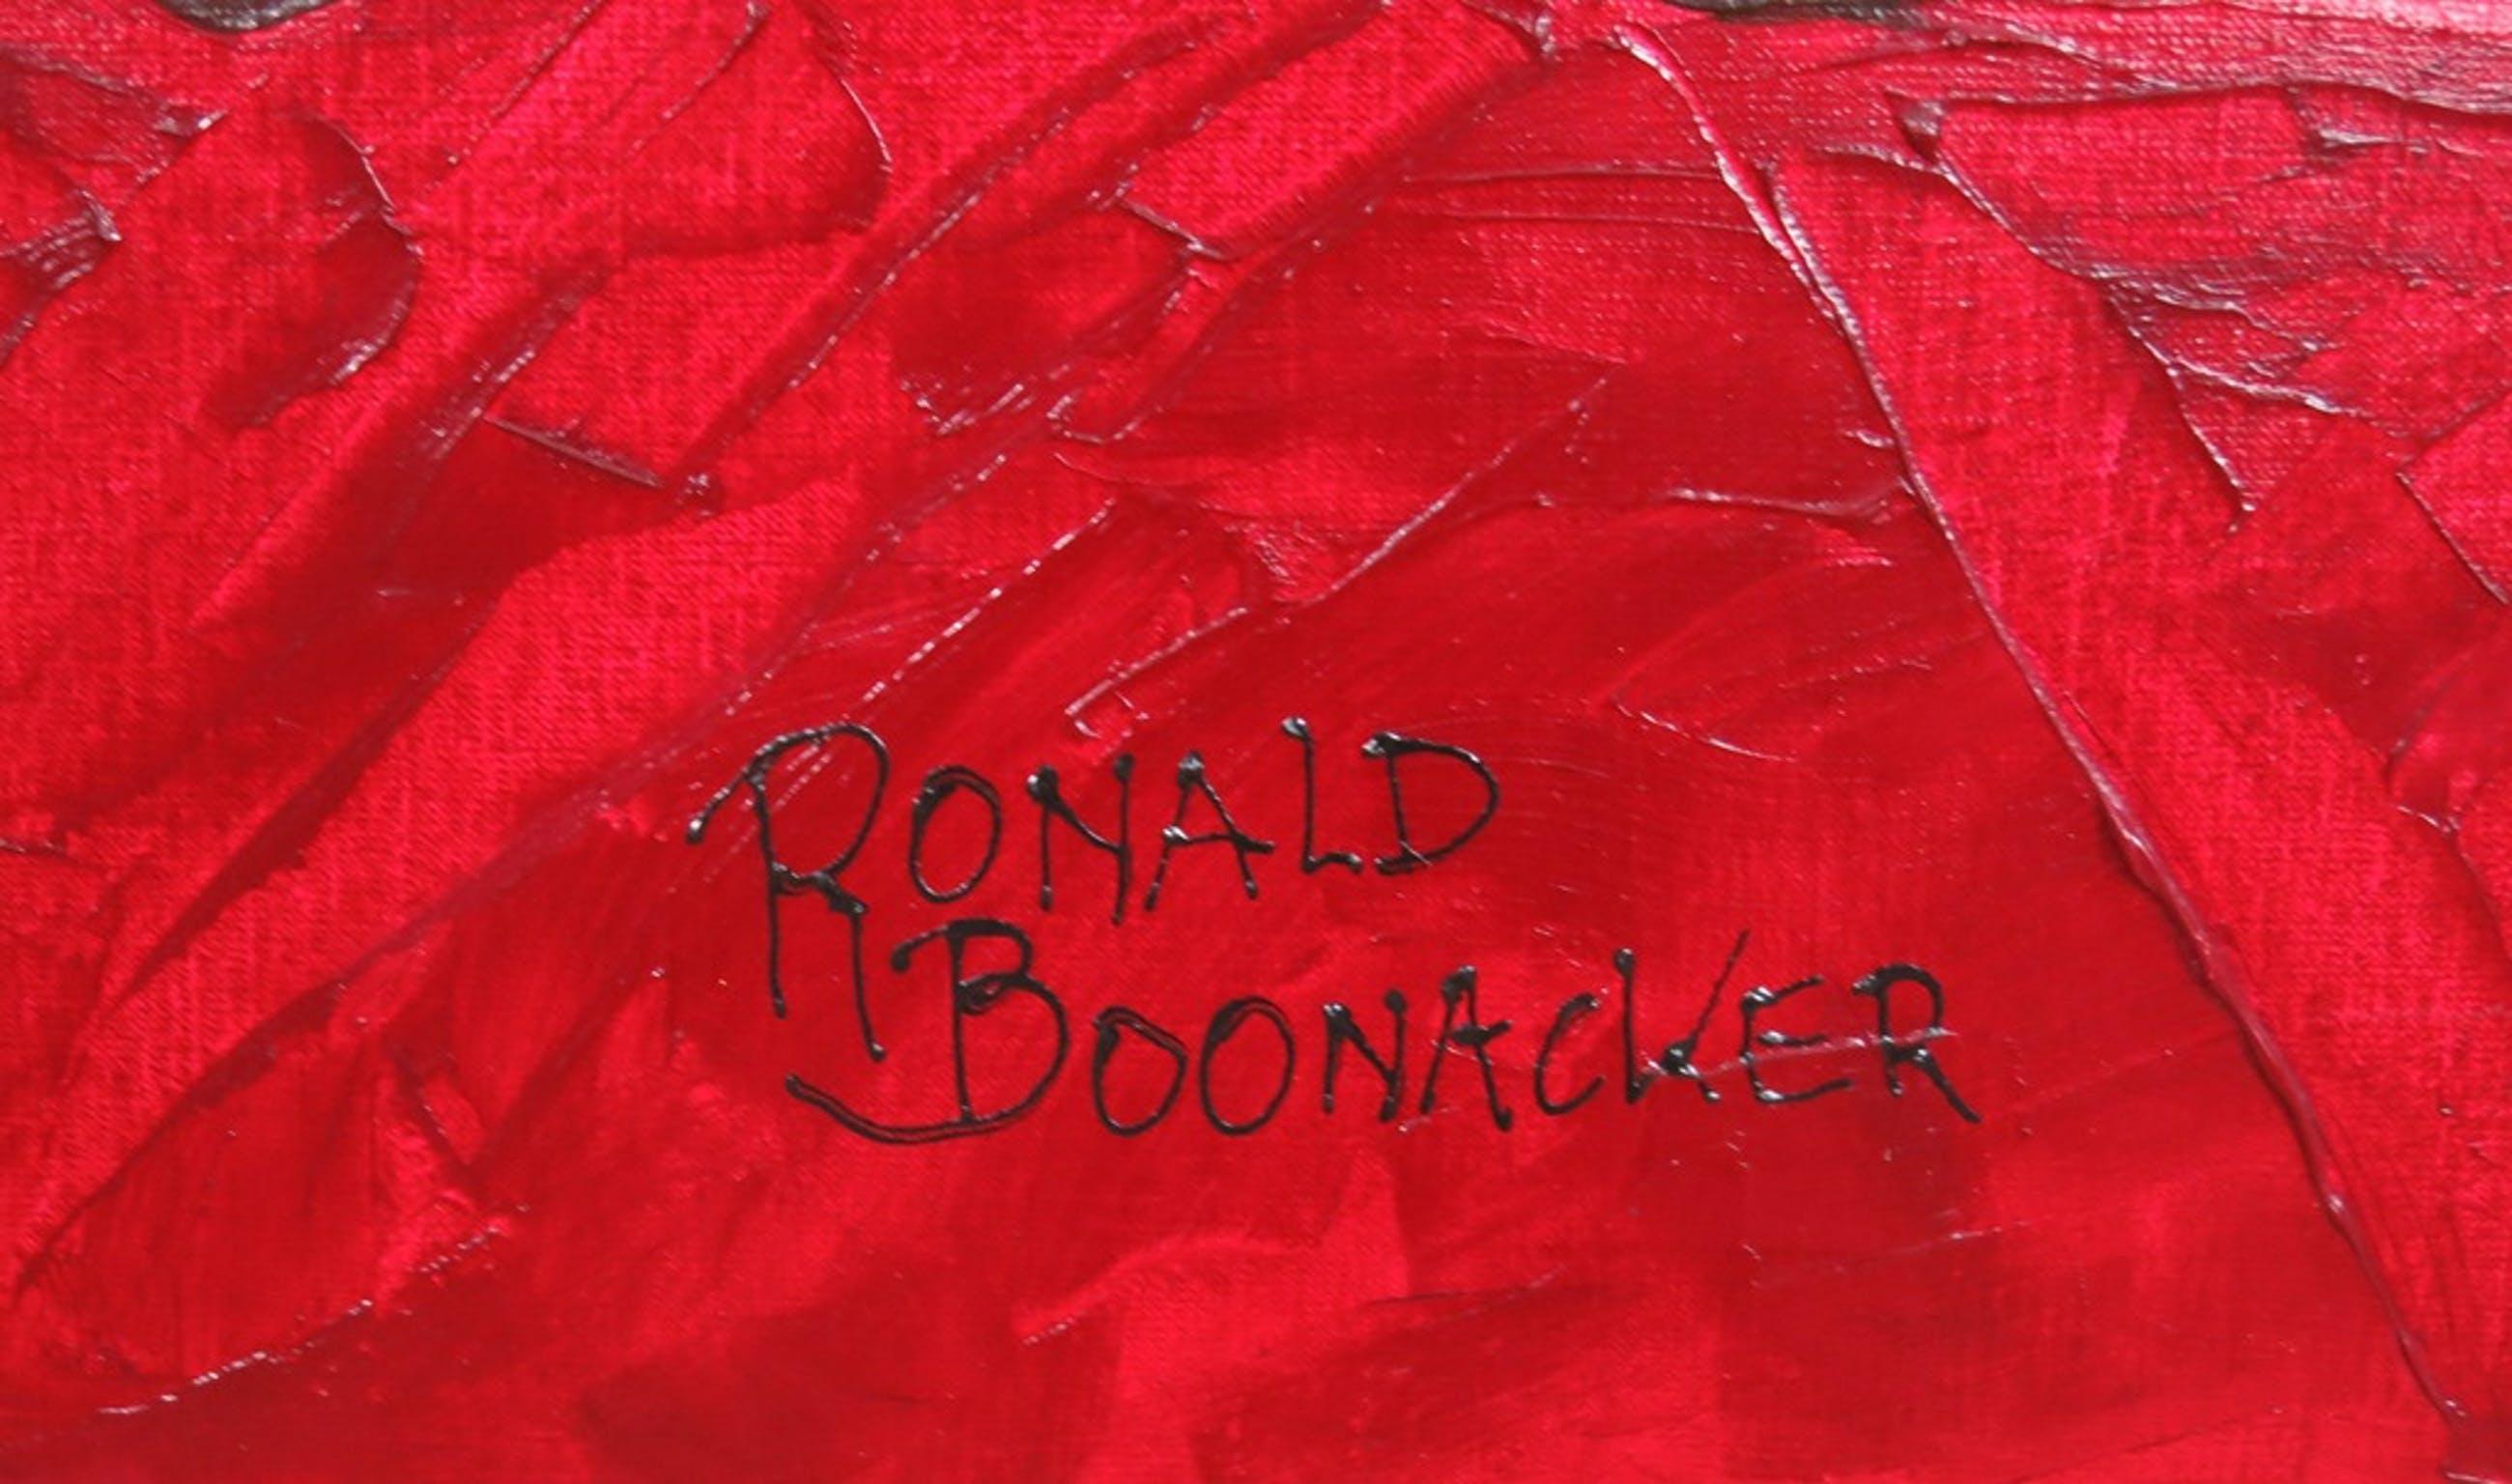 Ronald Boonacker: Acryl op doek, Italie - Ingelijst kopen? Bied vanaf 450!